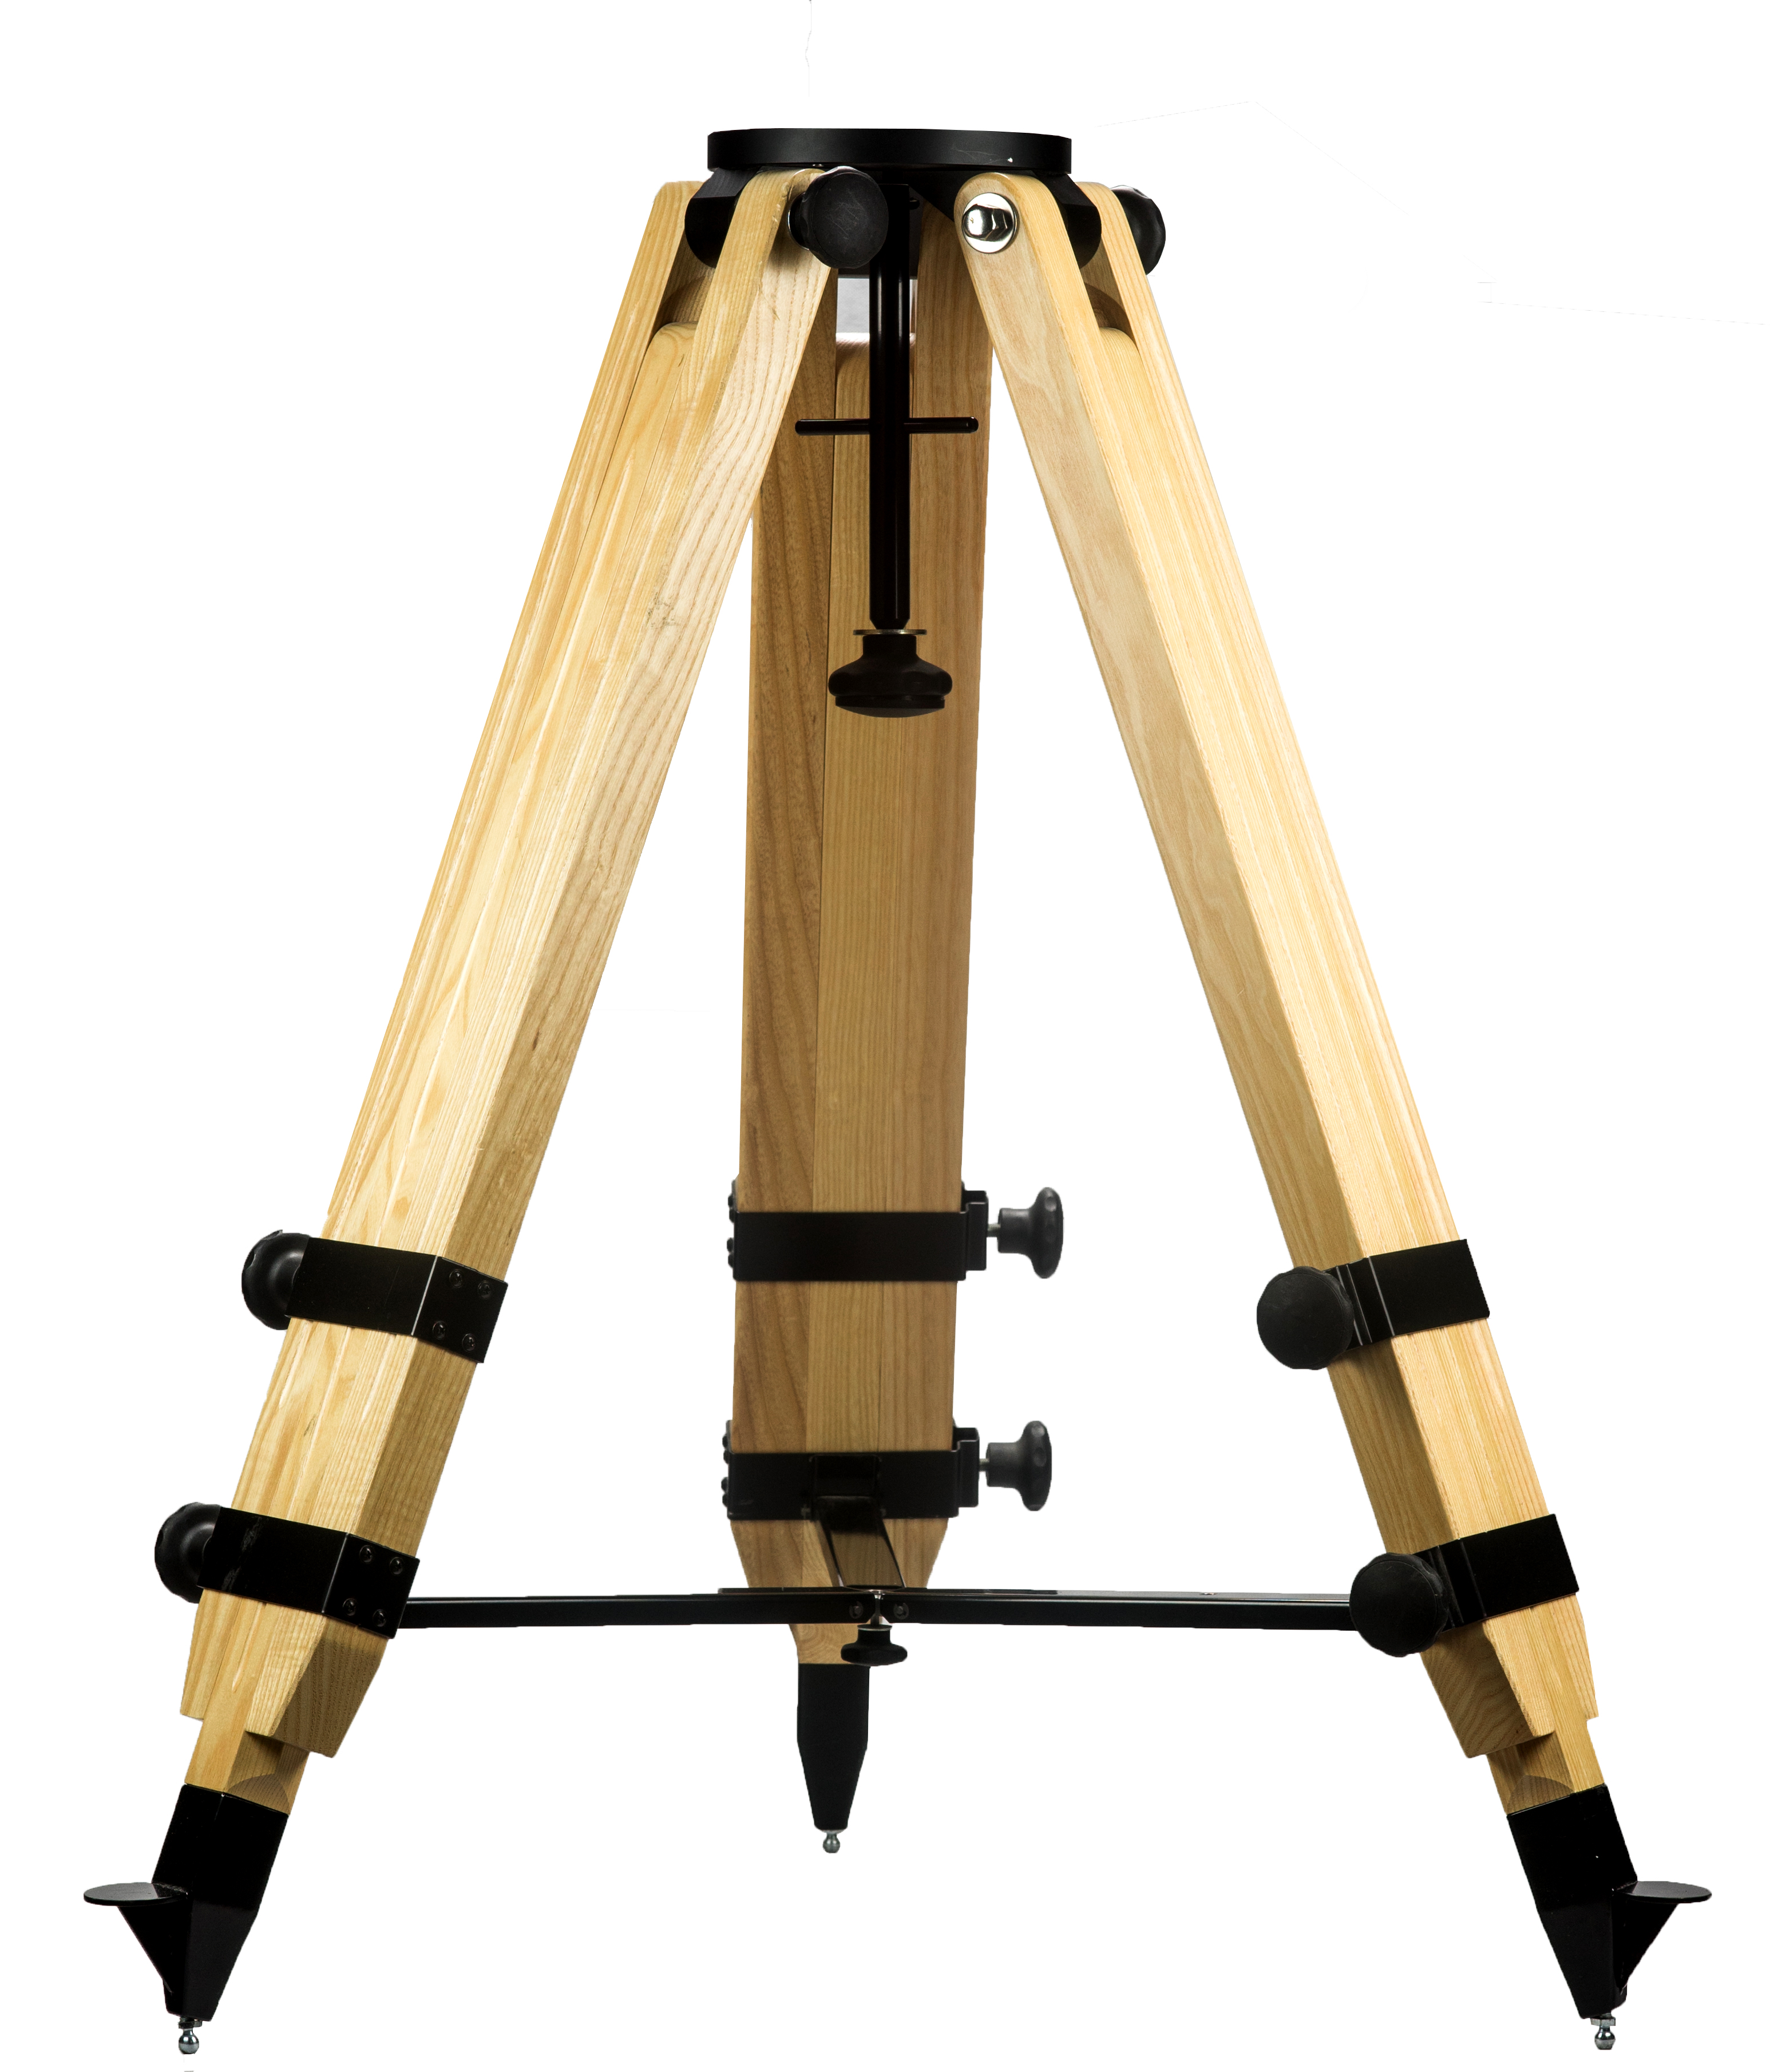 wood tripod